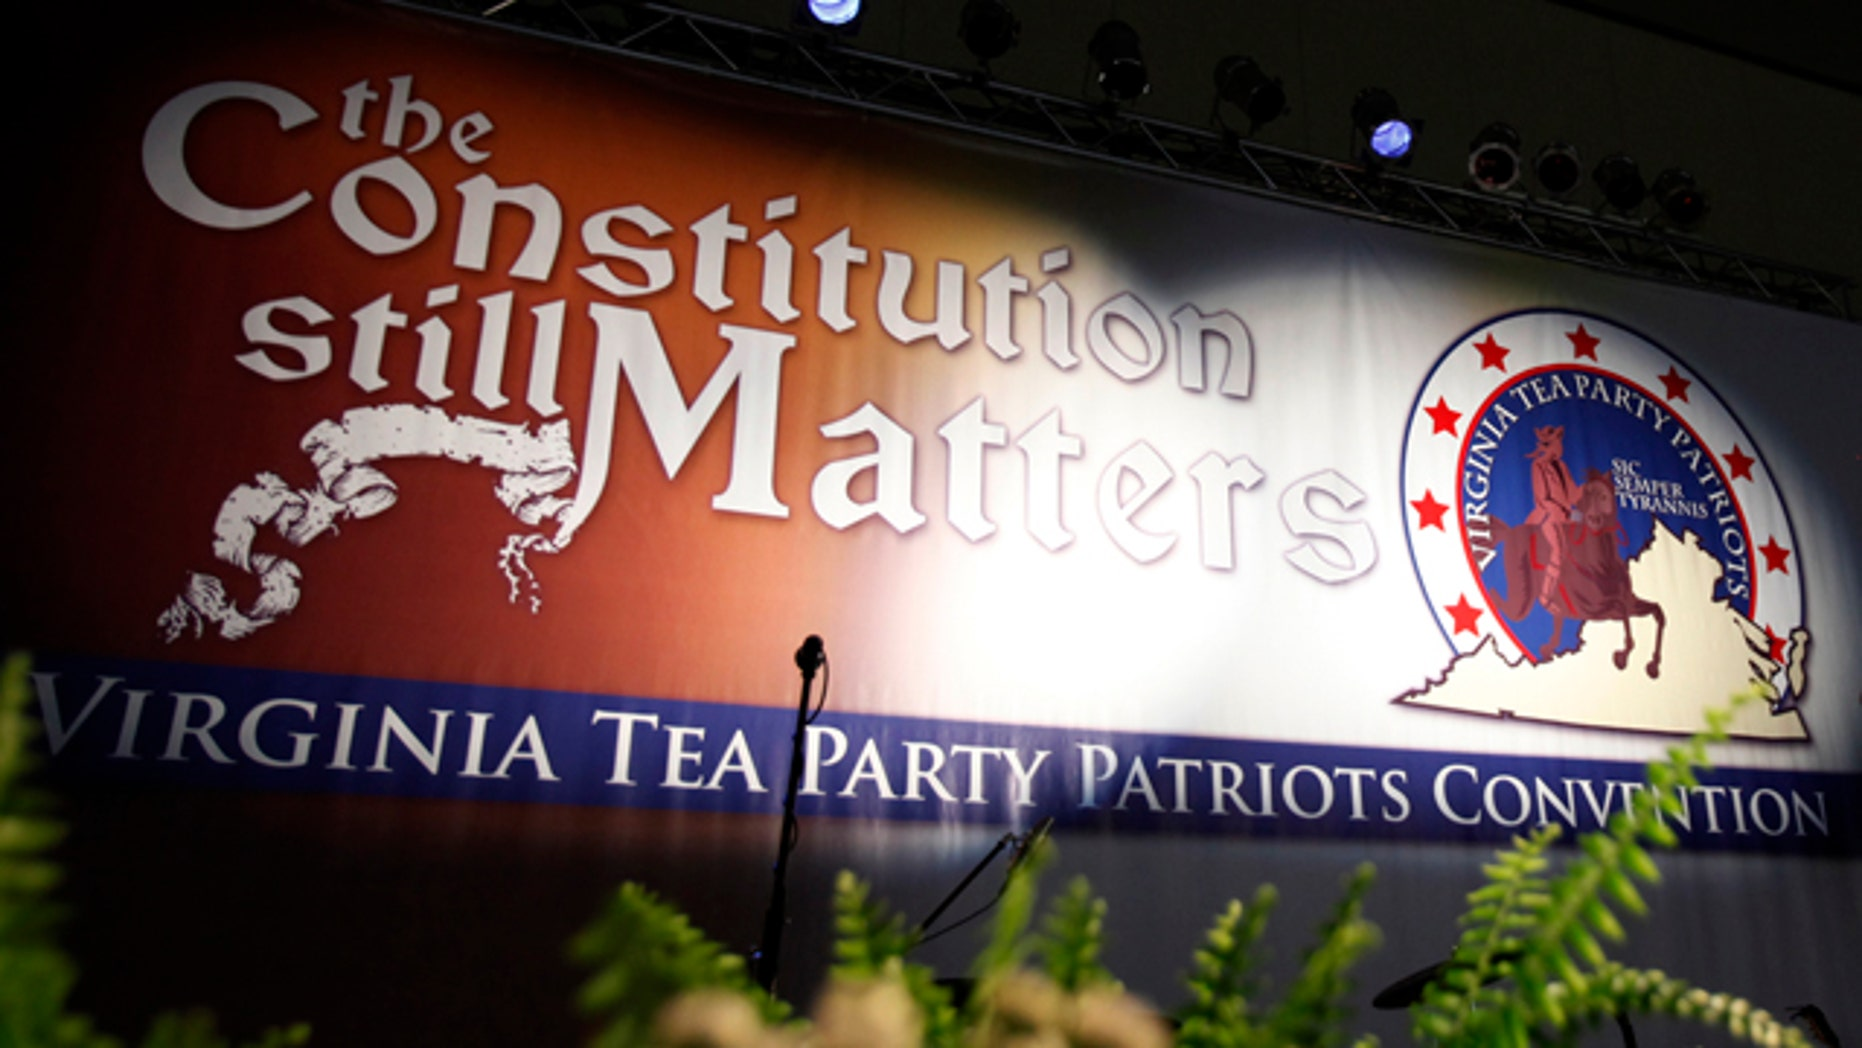 Virginia Tea Party Patriots Convention in Richmond, Va.